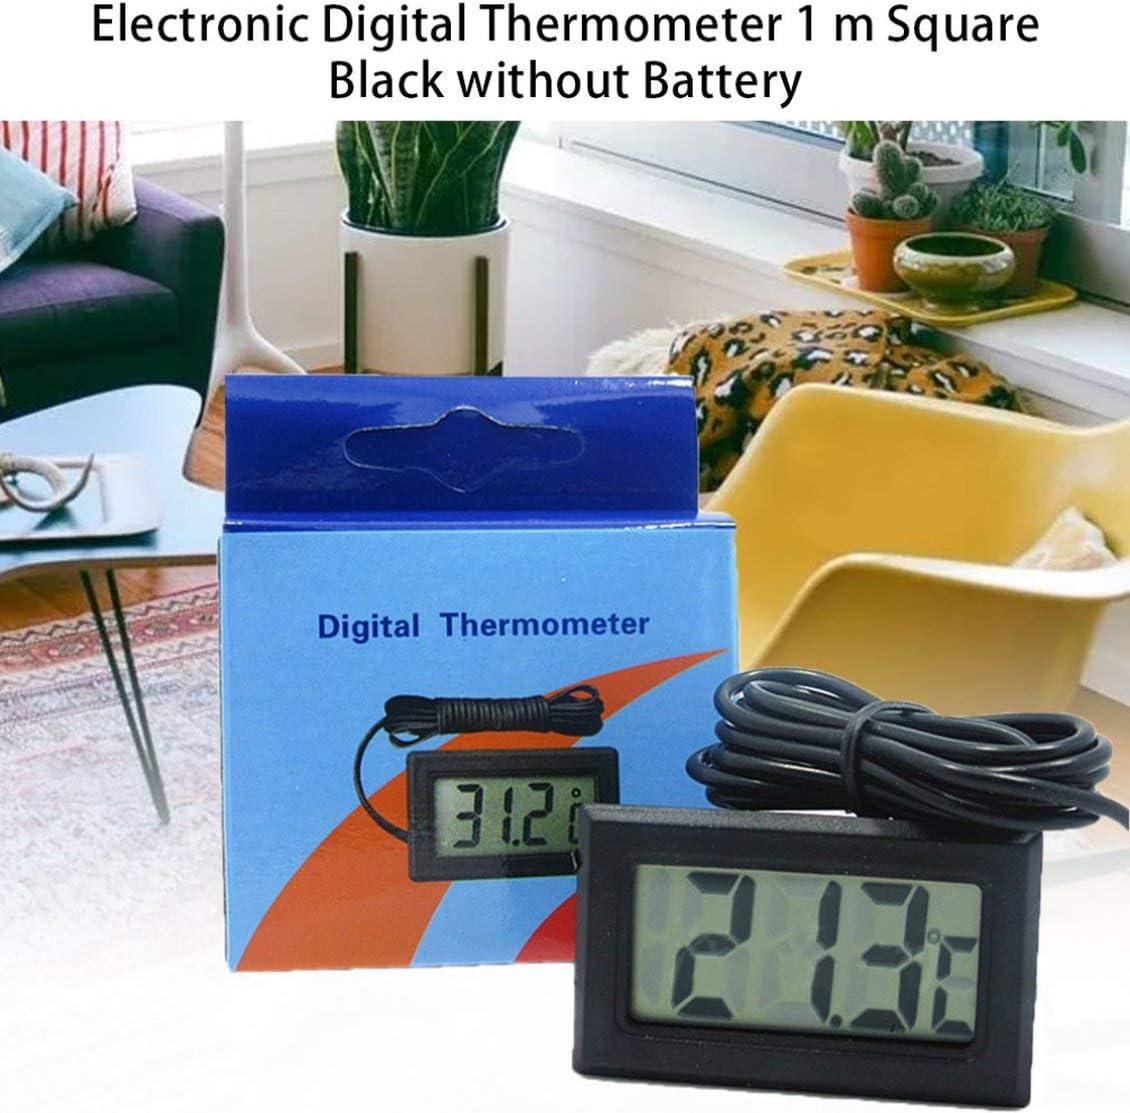 Negro Term/ómetro digital LCD con congelador de bater/ía Mini term/ómetro Term/ómetro electr/ónico para interiores y exteriores con sensor